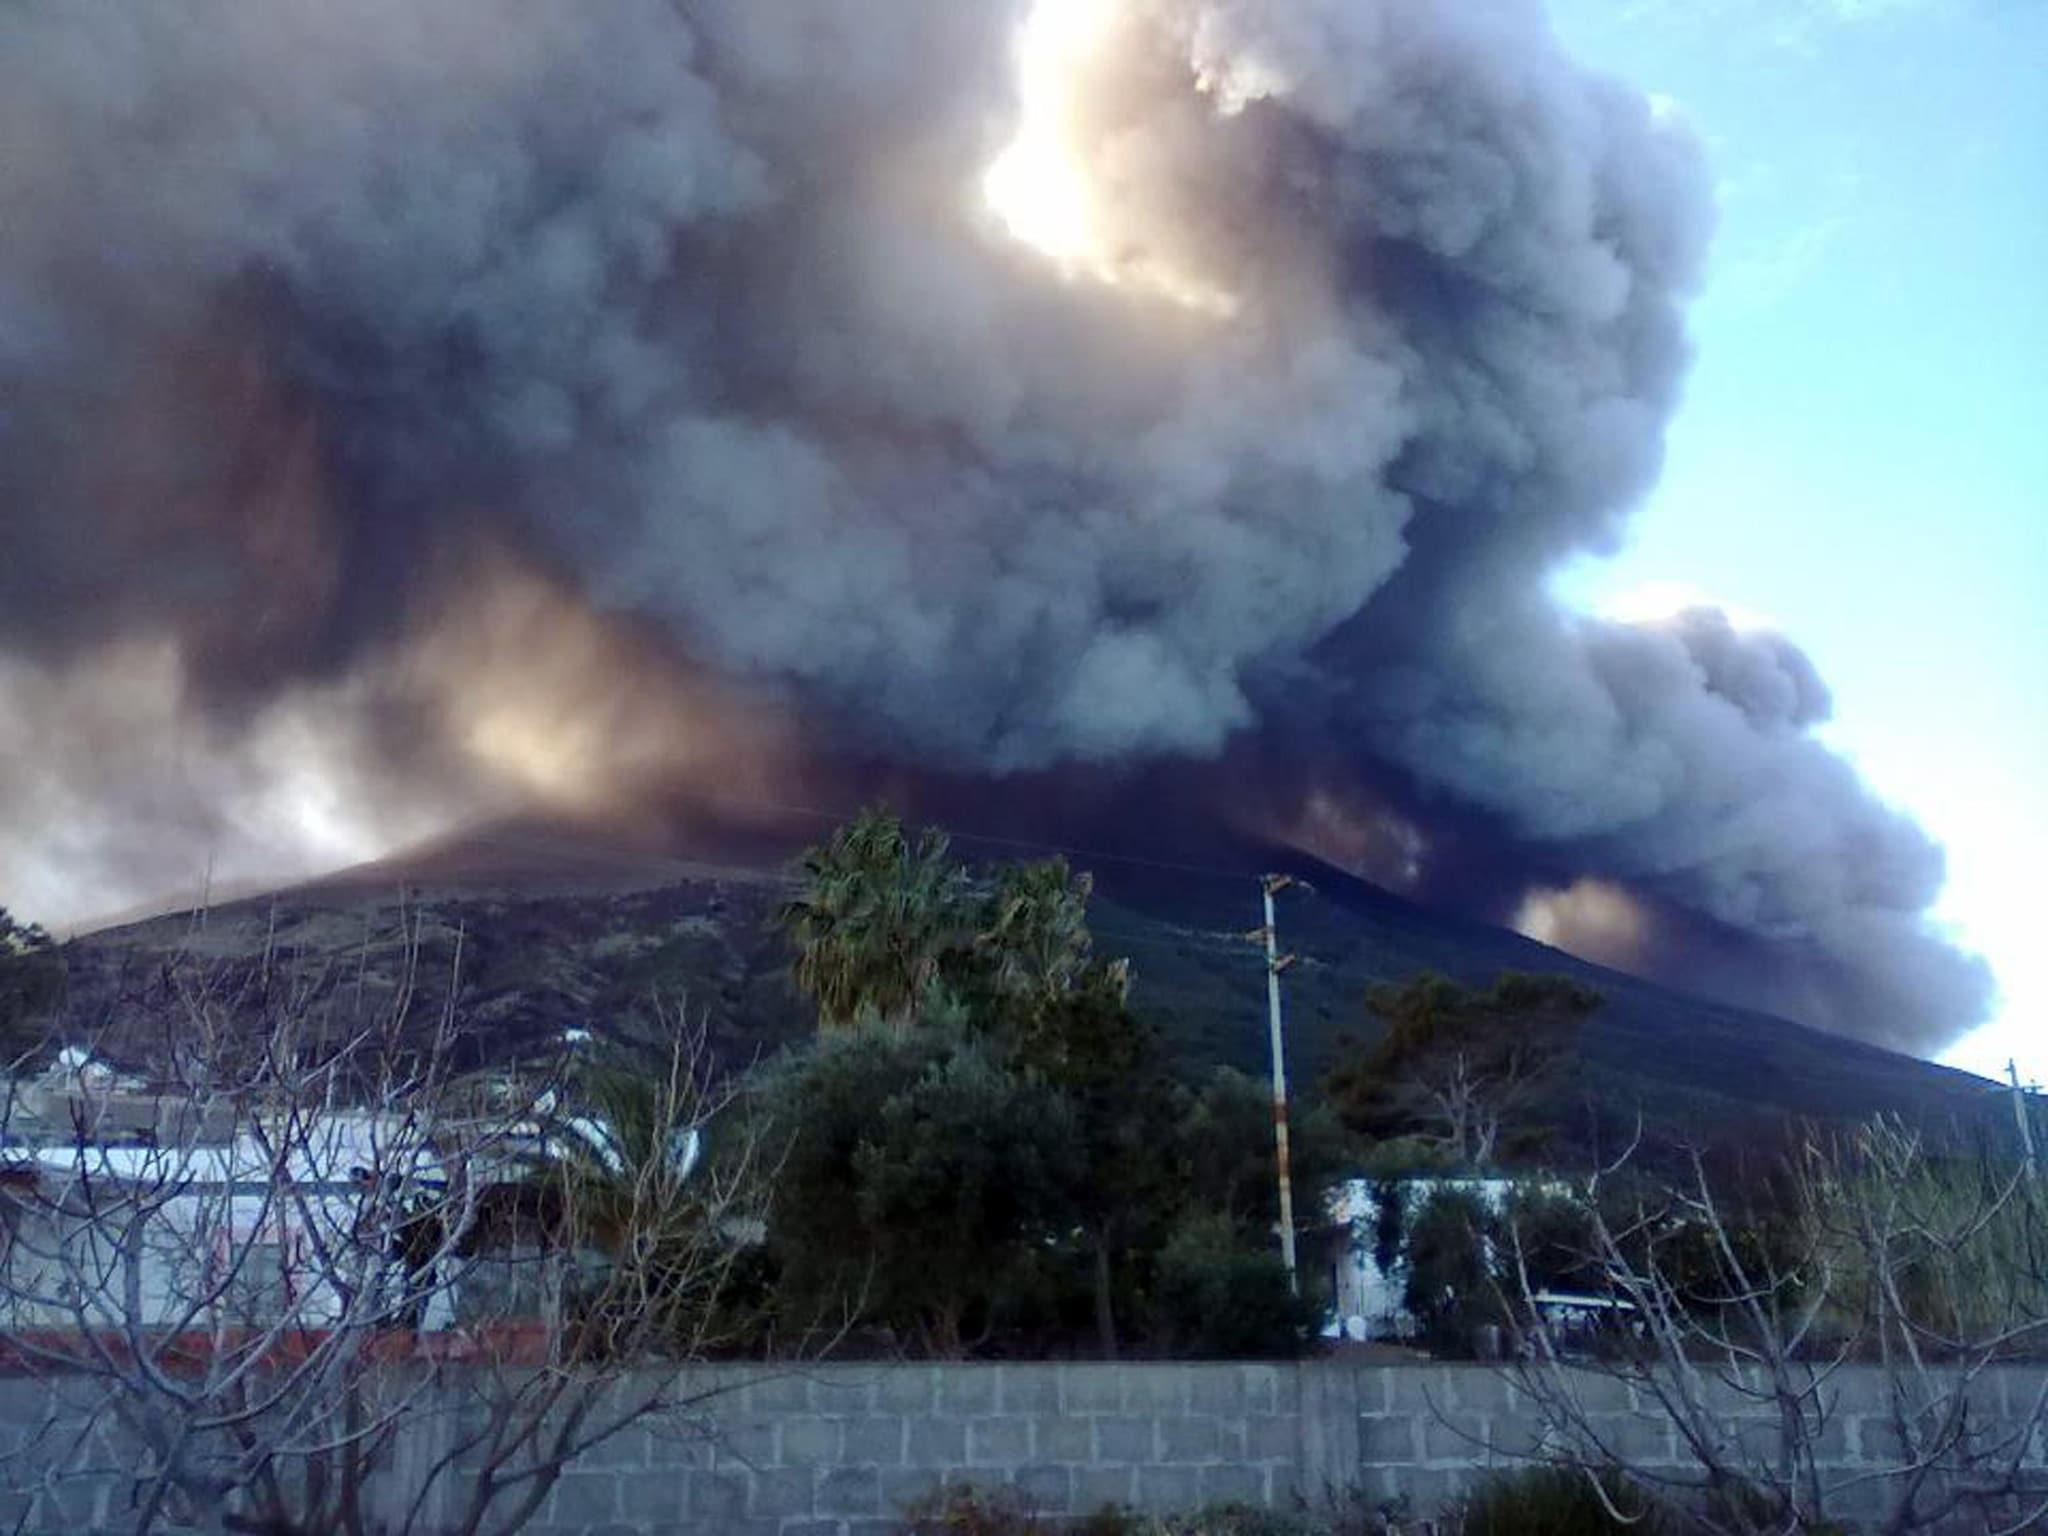 La grande nube di fumo causata da un'eruzione del vulcano Stromboli, Stromboli  (Ansa)